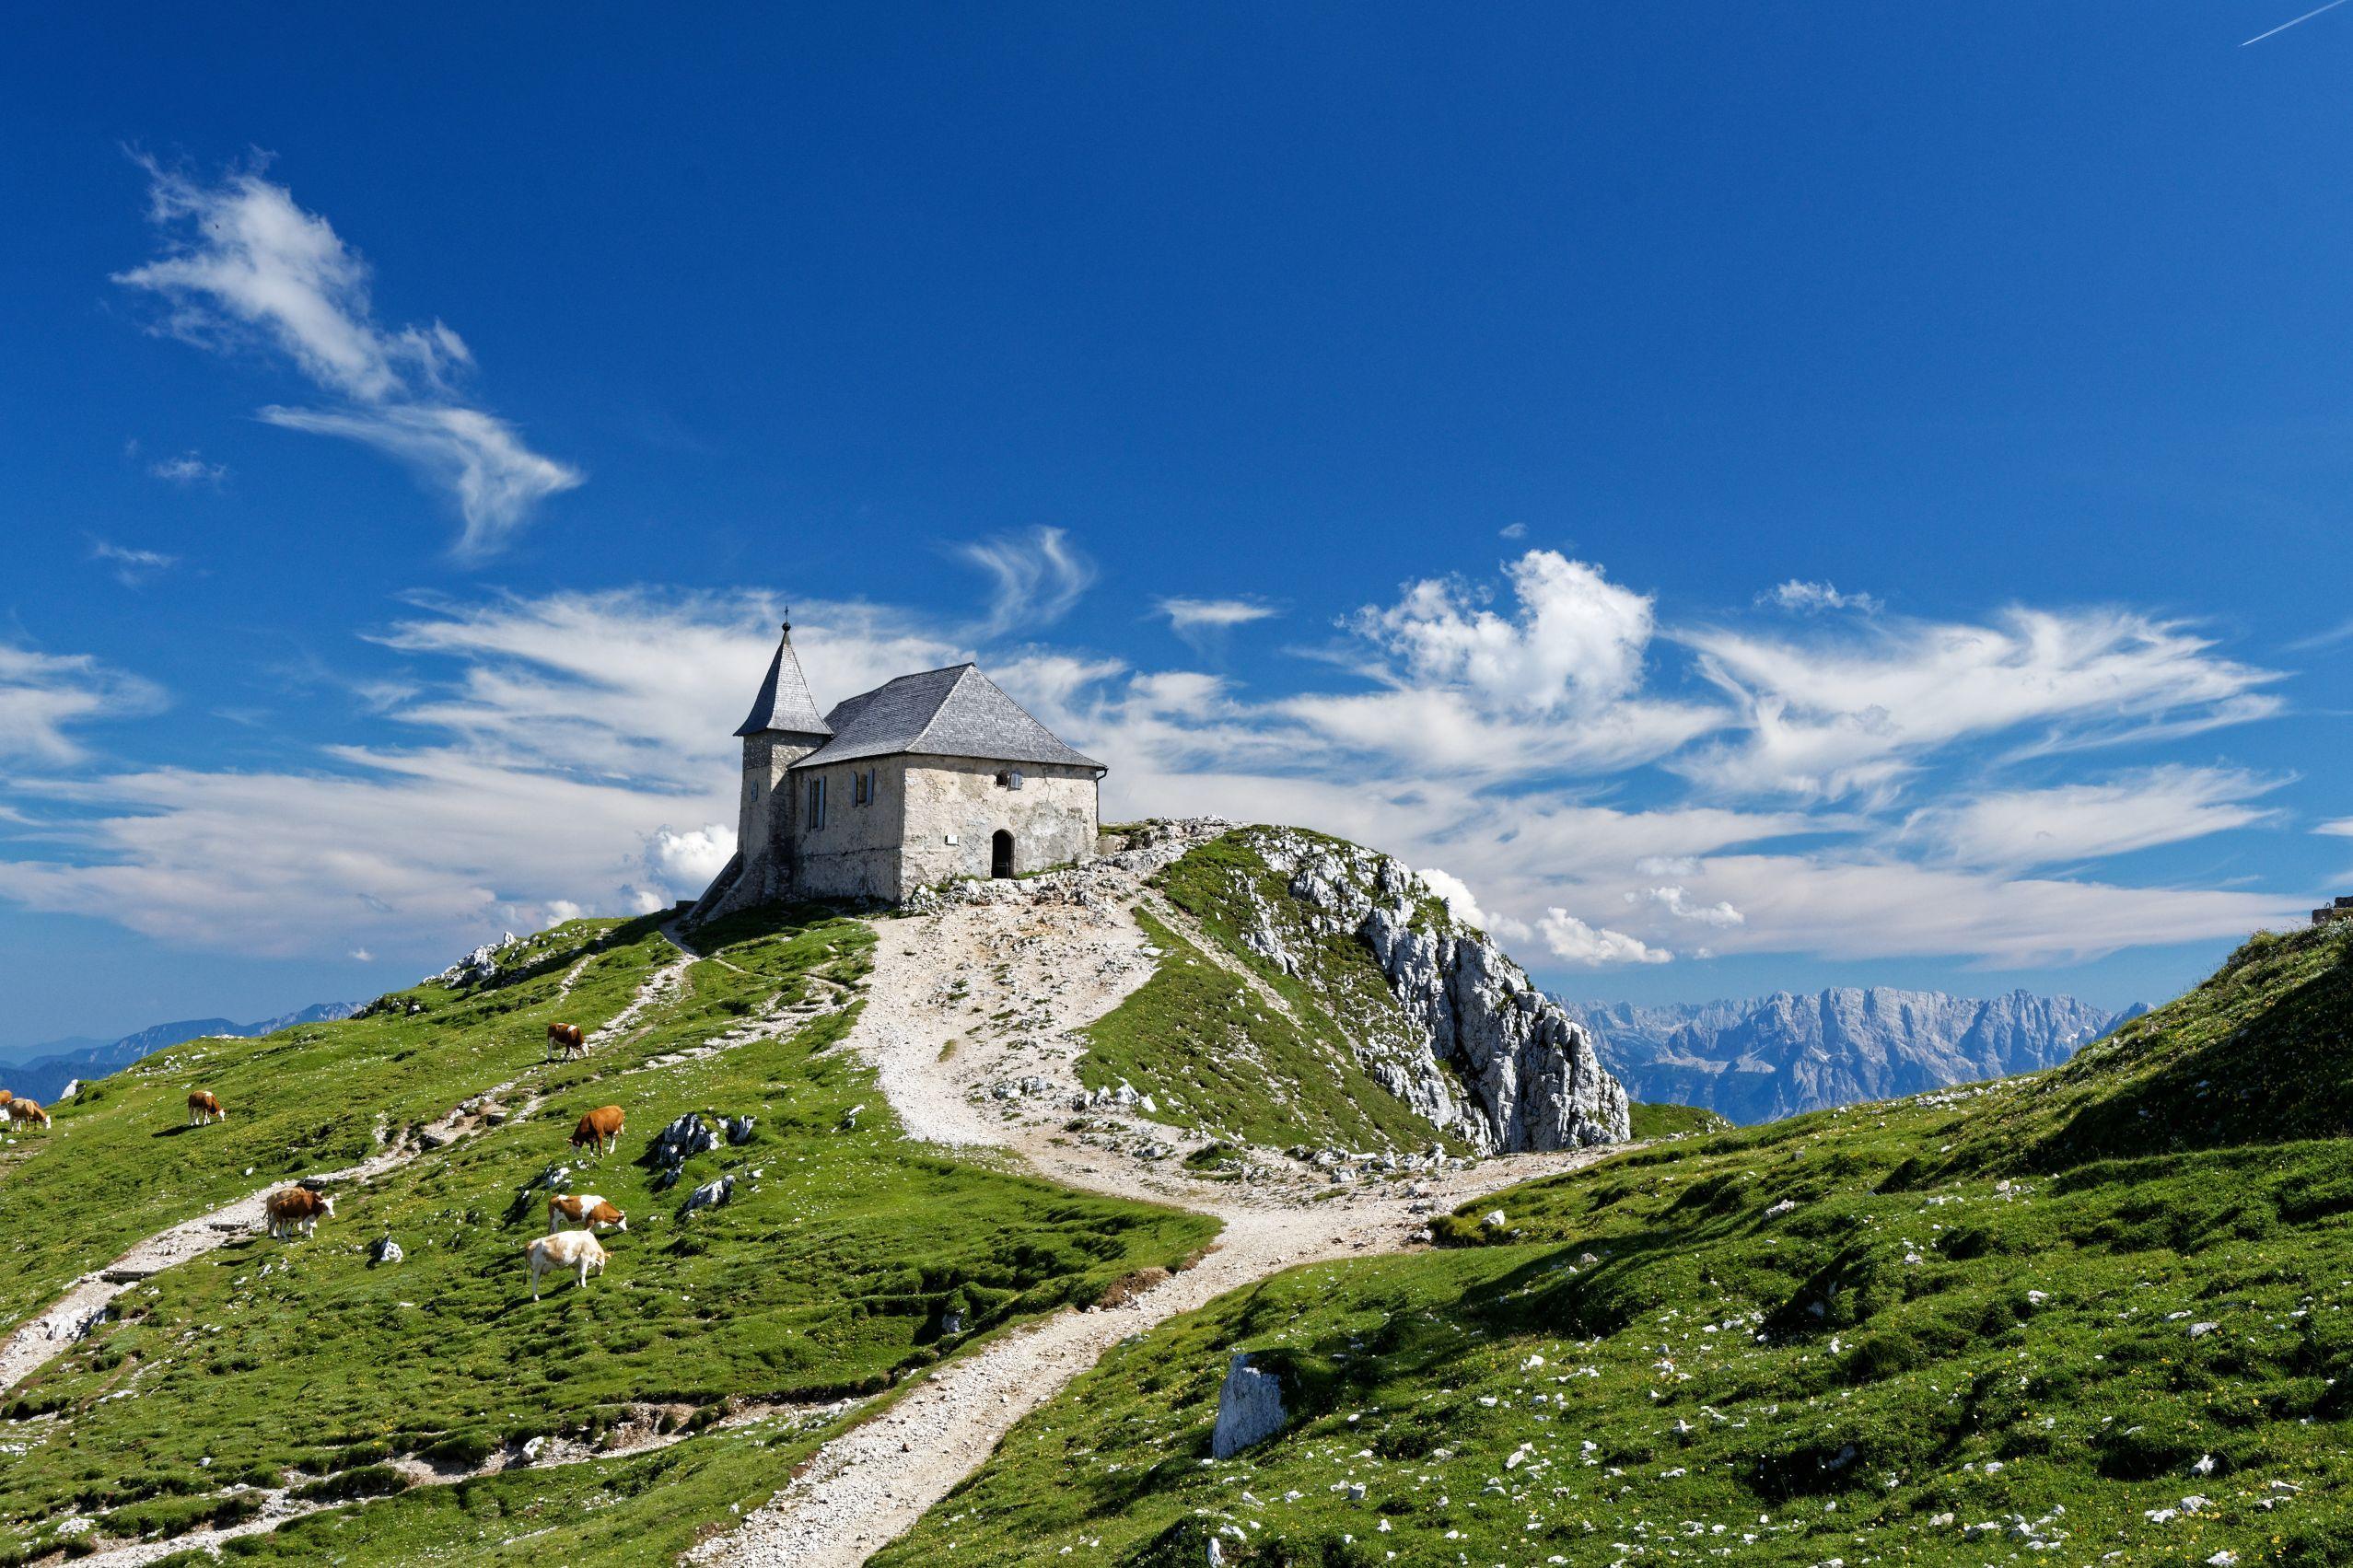 Die höchste Wallfahrtskirche in Österreich - am Dobratsch